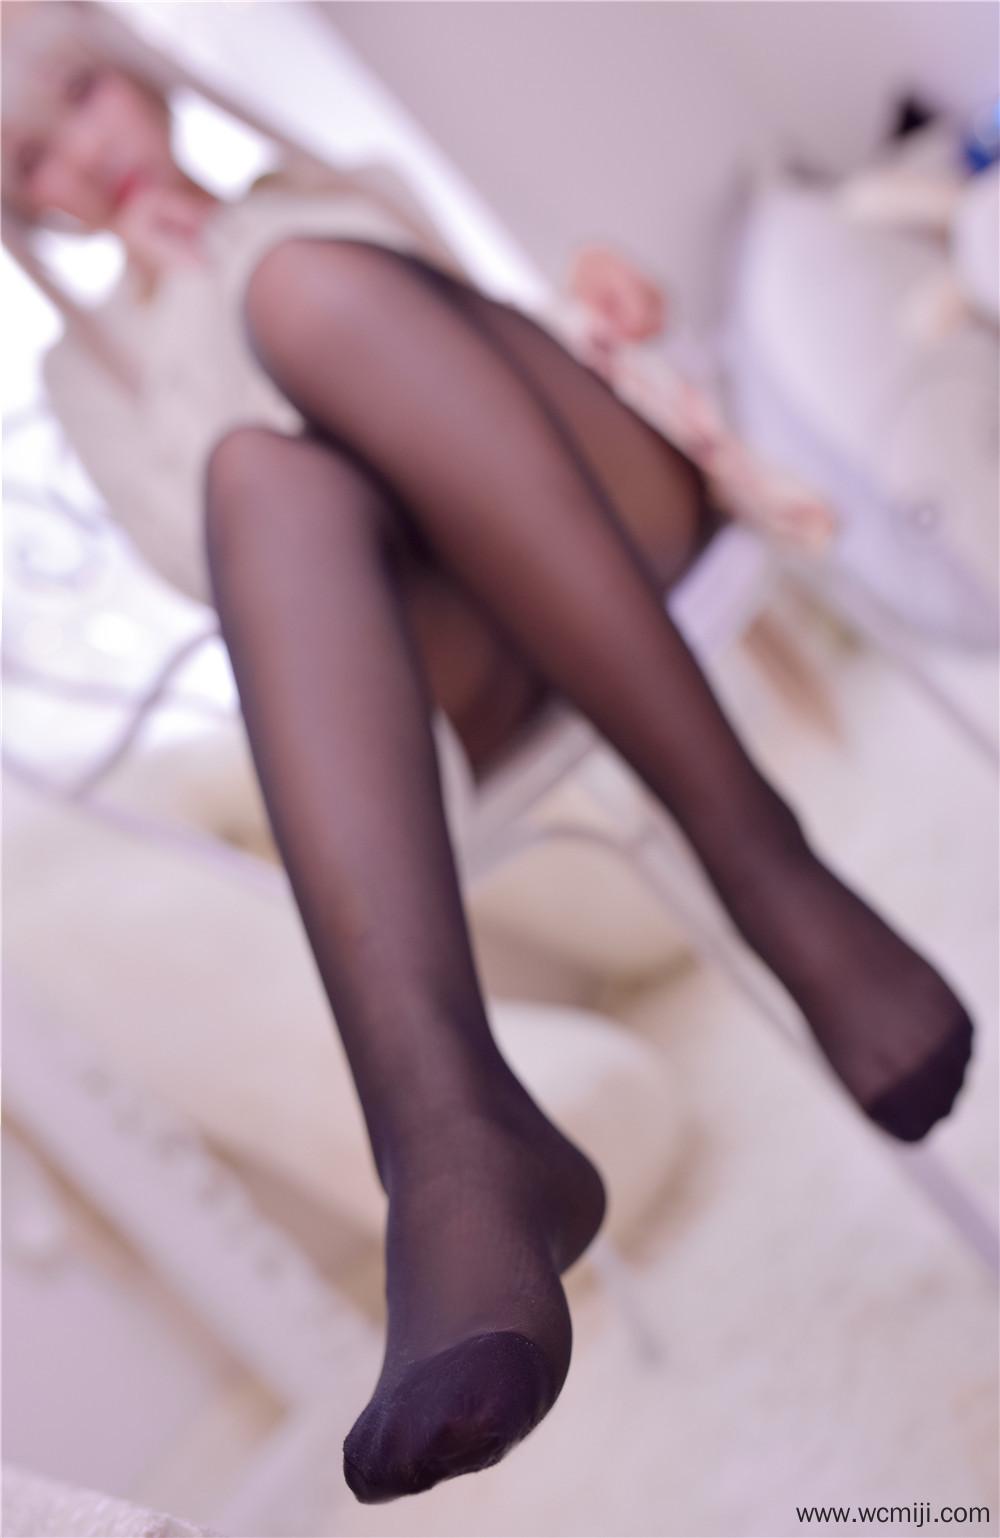 【私拍】【穹妹】甜美可爱穹妹校服黑丝COS私房照【46P】 COS